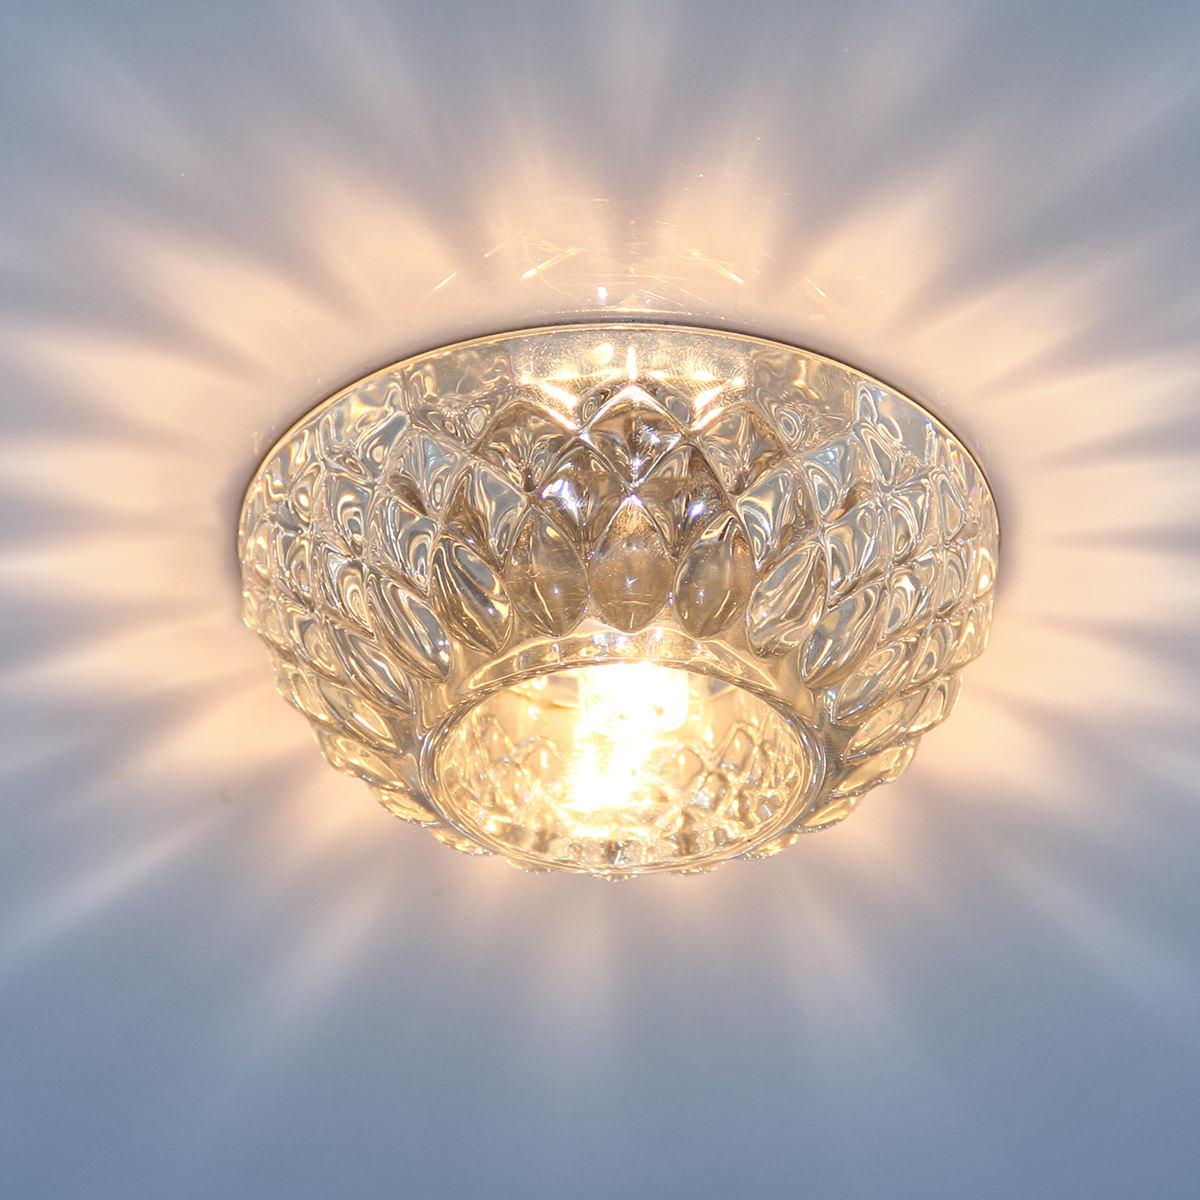 специальное фонари на потолок фото подавляющем количестве случаев